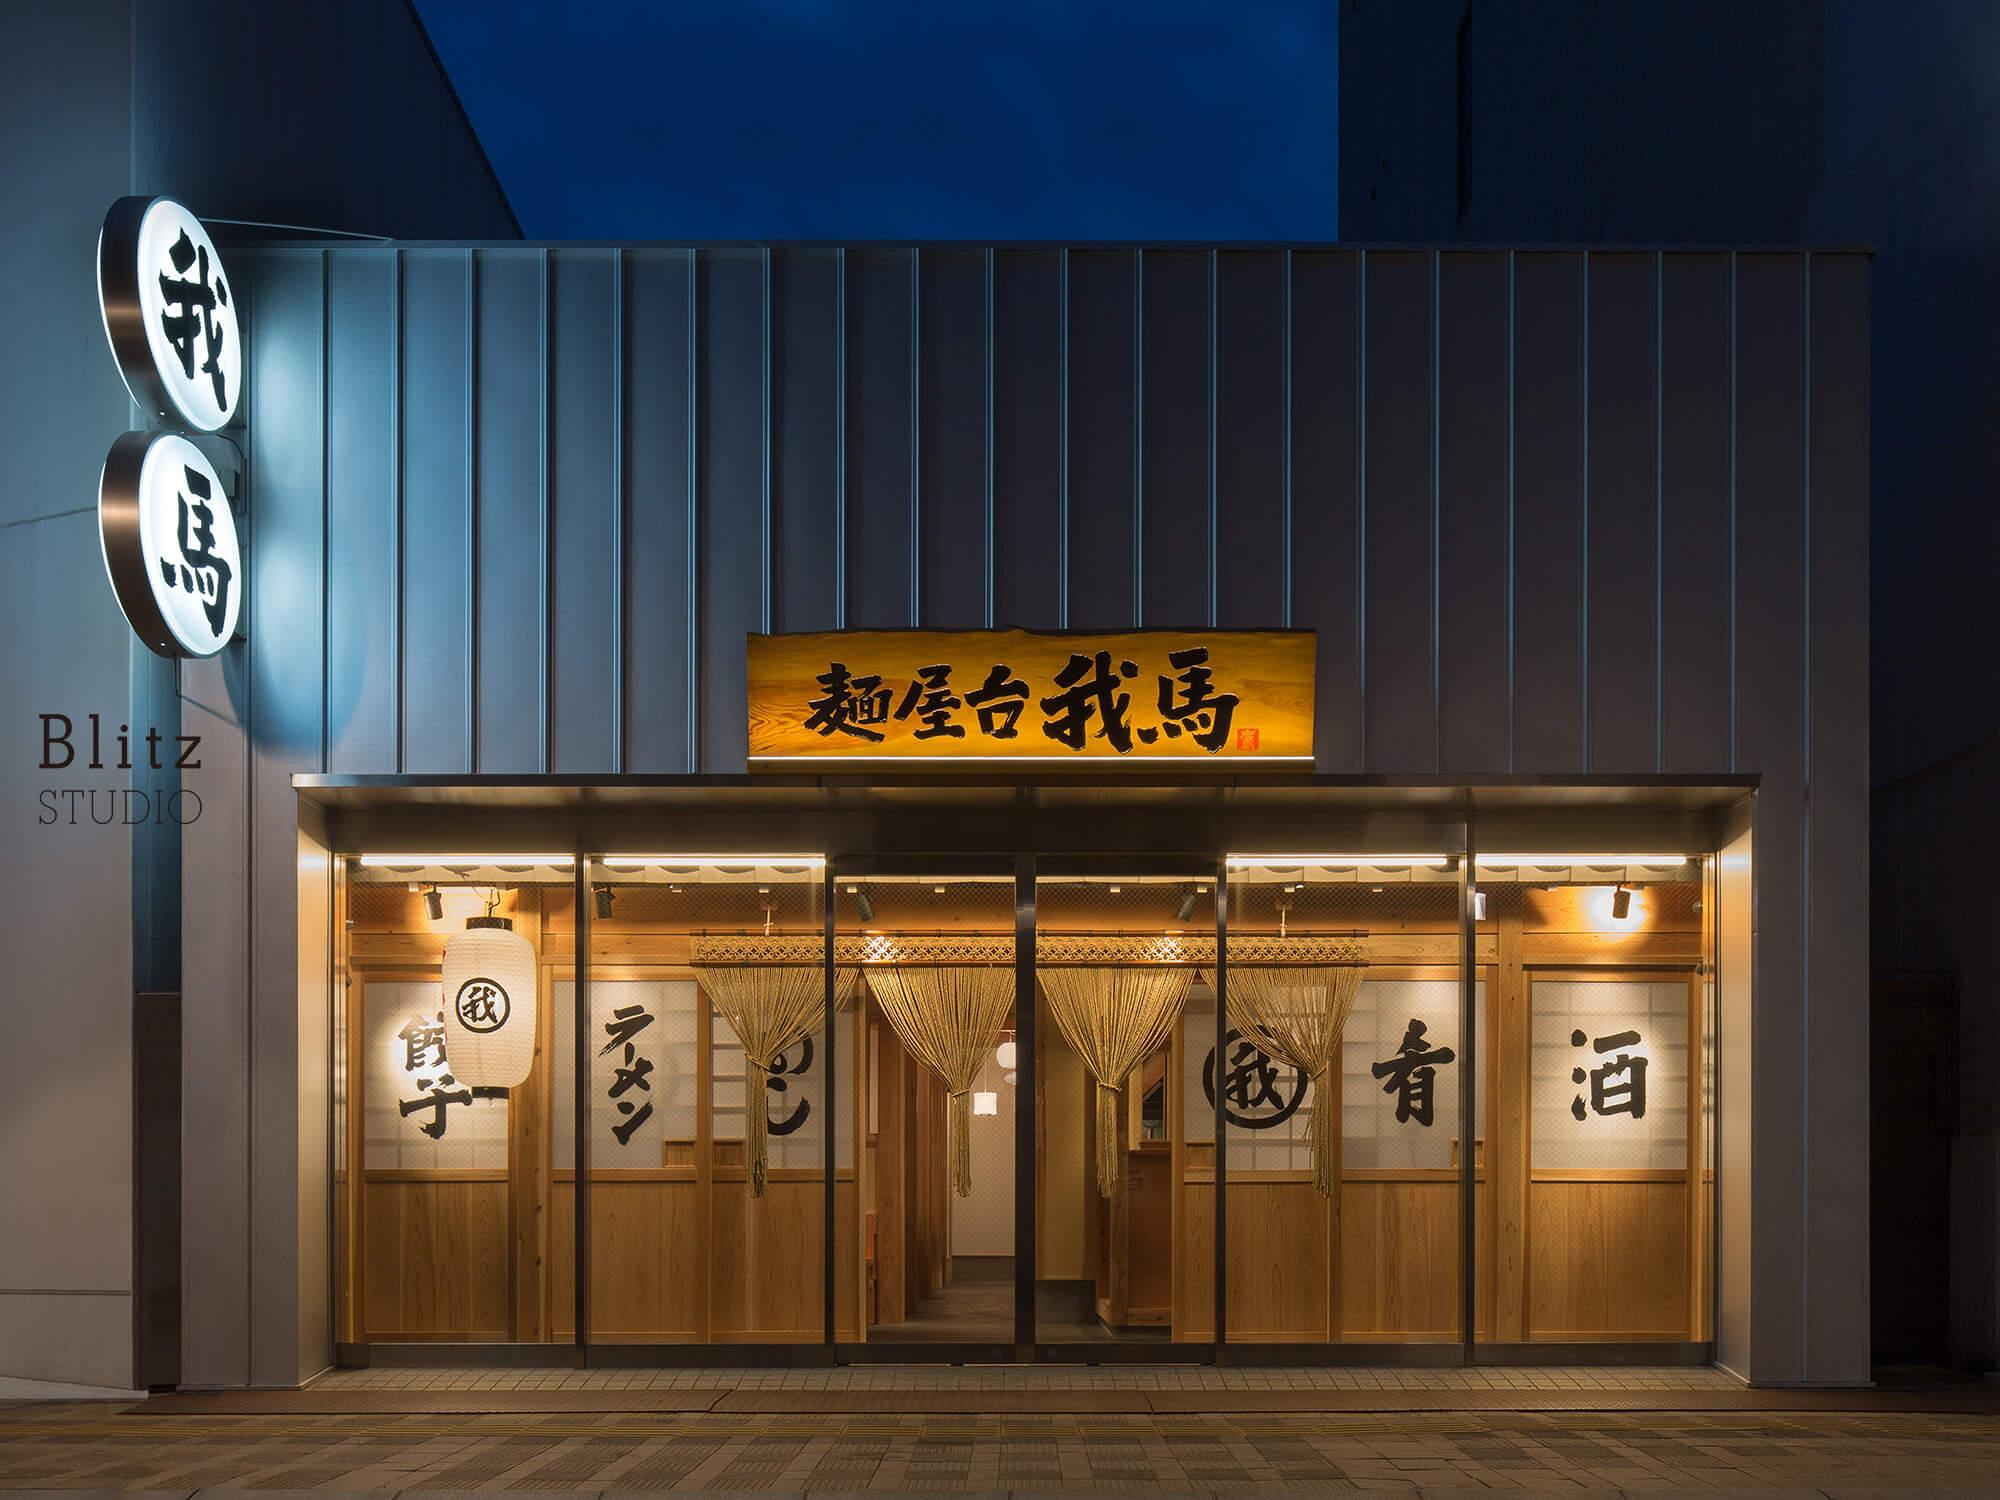 『麺屋台 我馬』-広島県広島市-建築写真・竣工写真・インテリア写真2